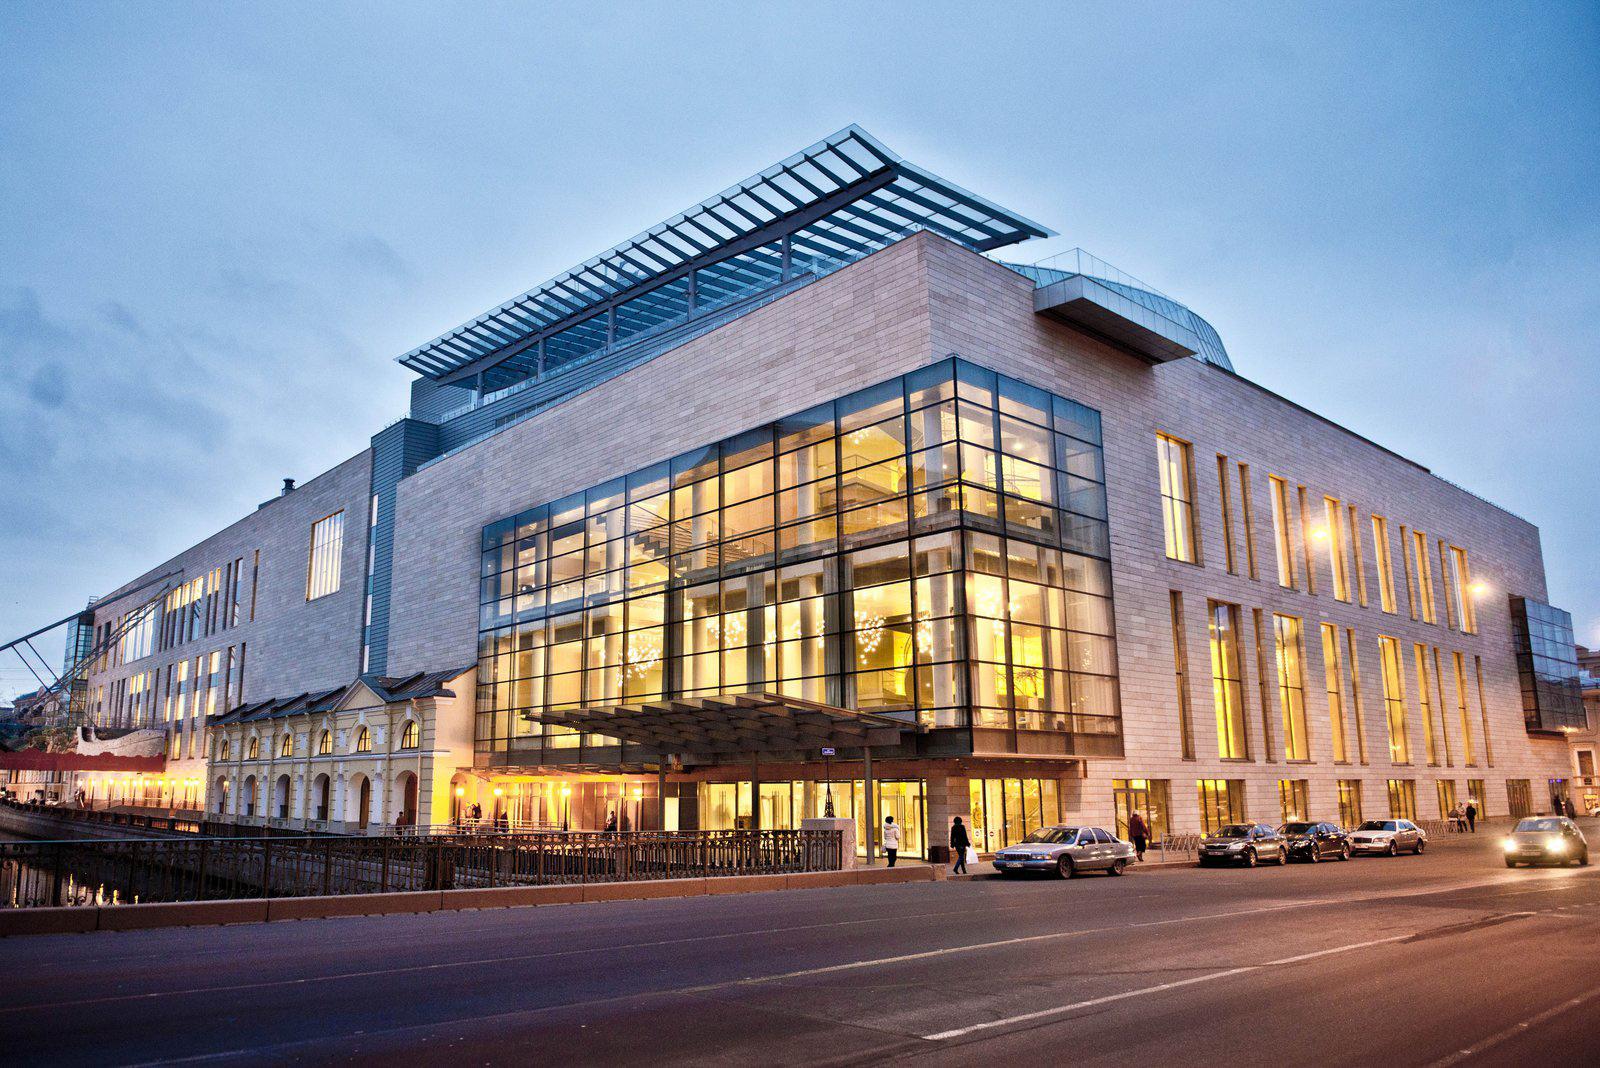 Новая сцена Мариинского театра. Источник: tch15-assets.medici.tv